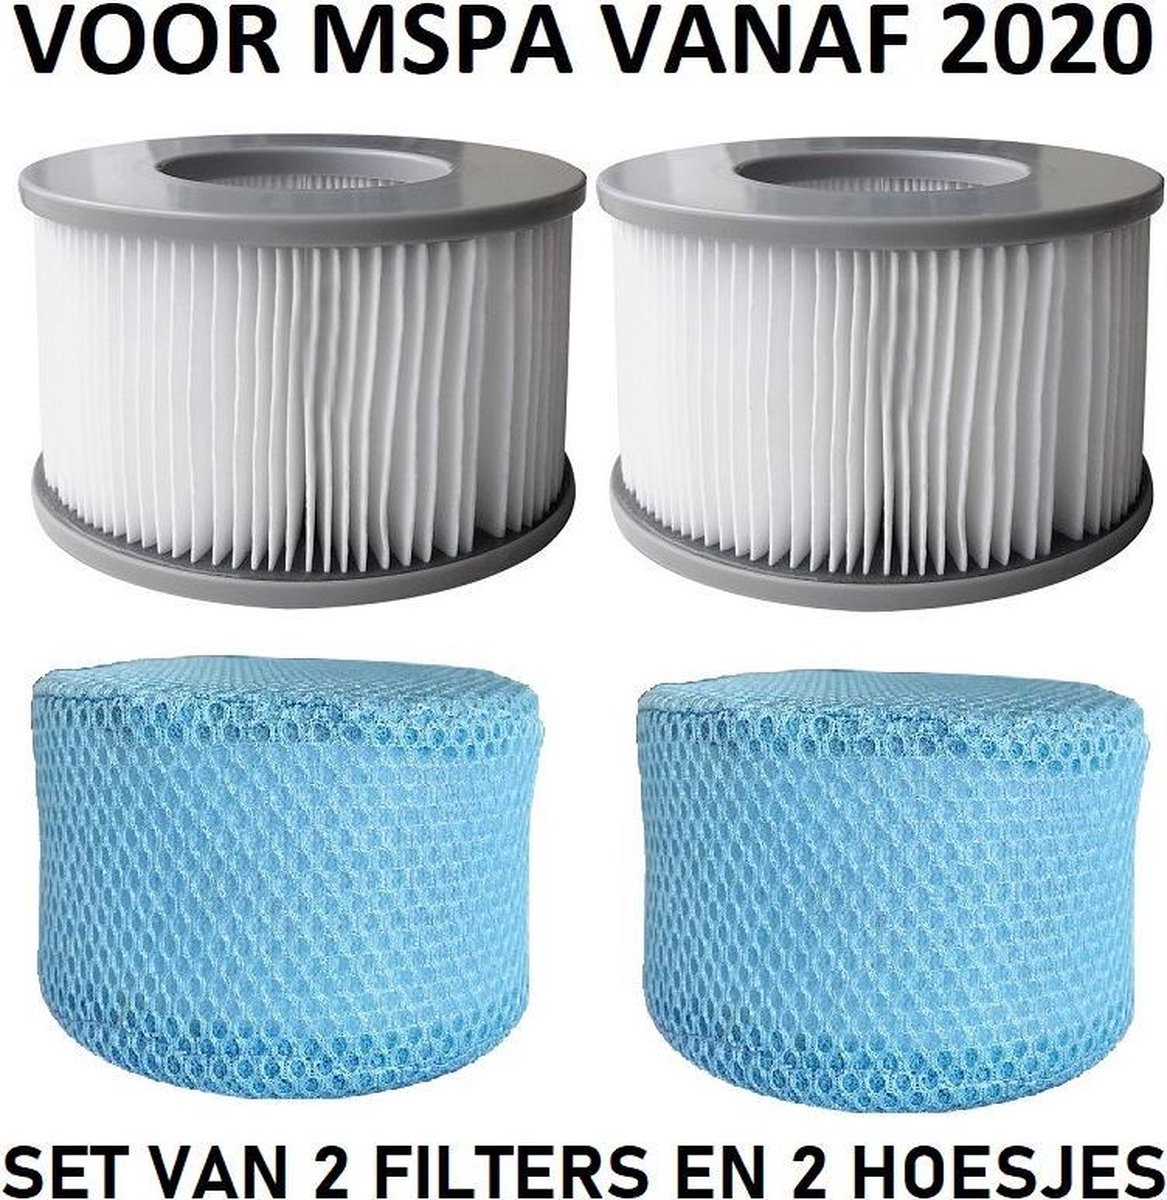 Mspa filter origineel 2 stuks model vanaf 2020 met filterhoesje